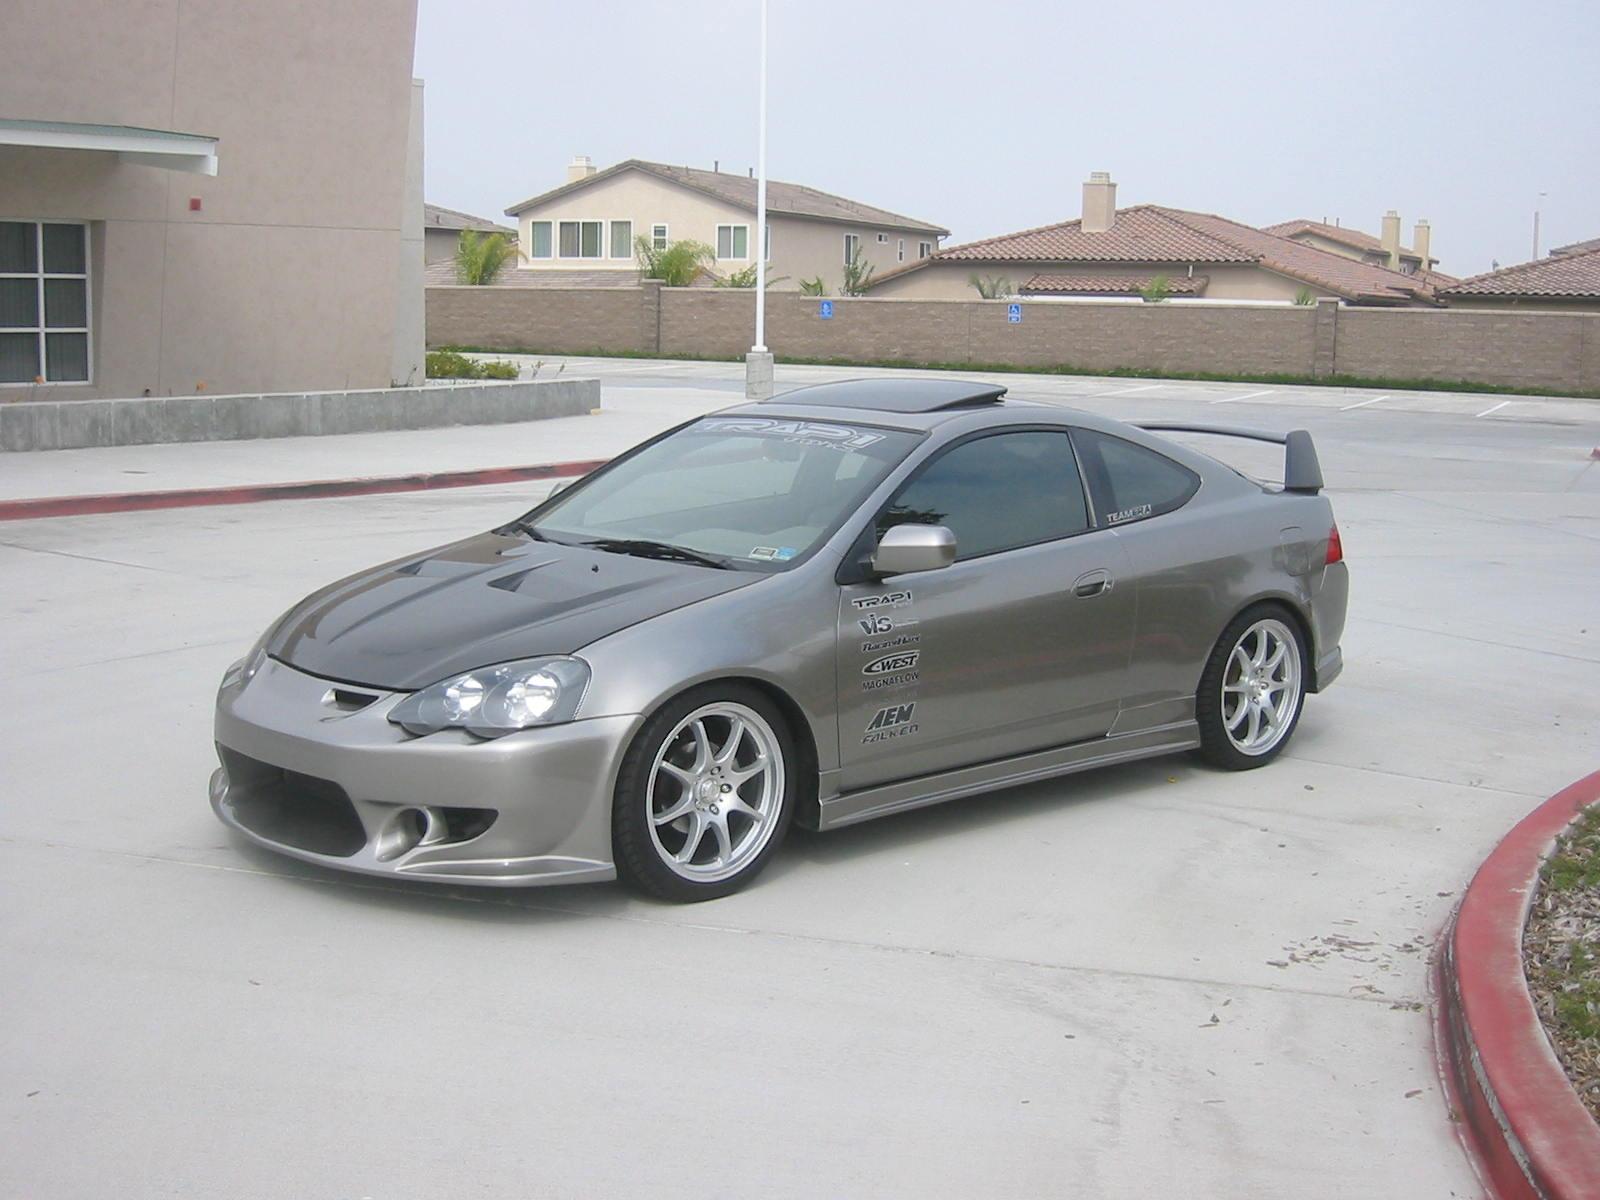 2002 Acura RSX - Pictures - CarGurus